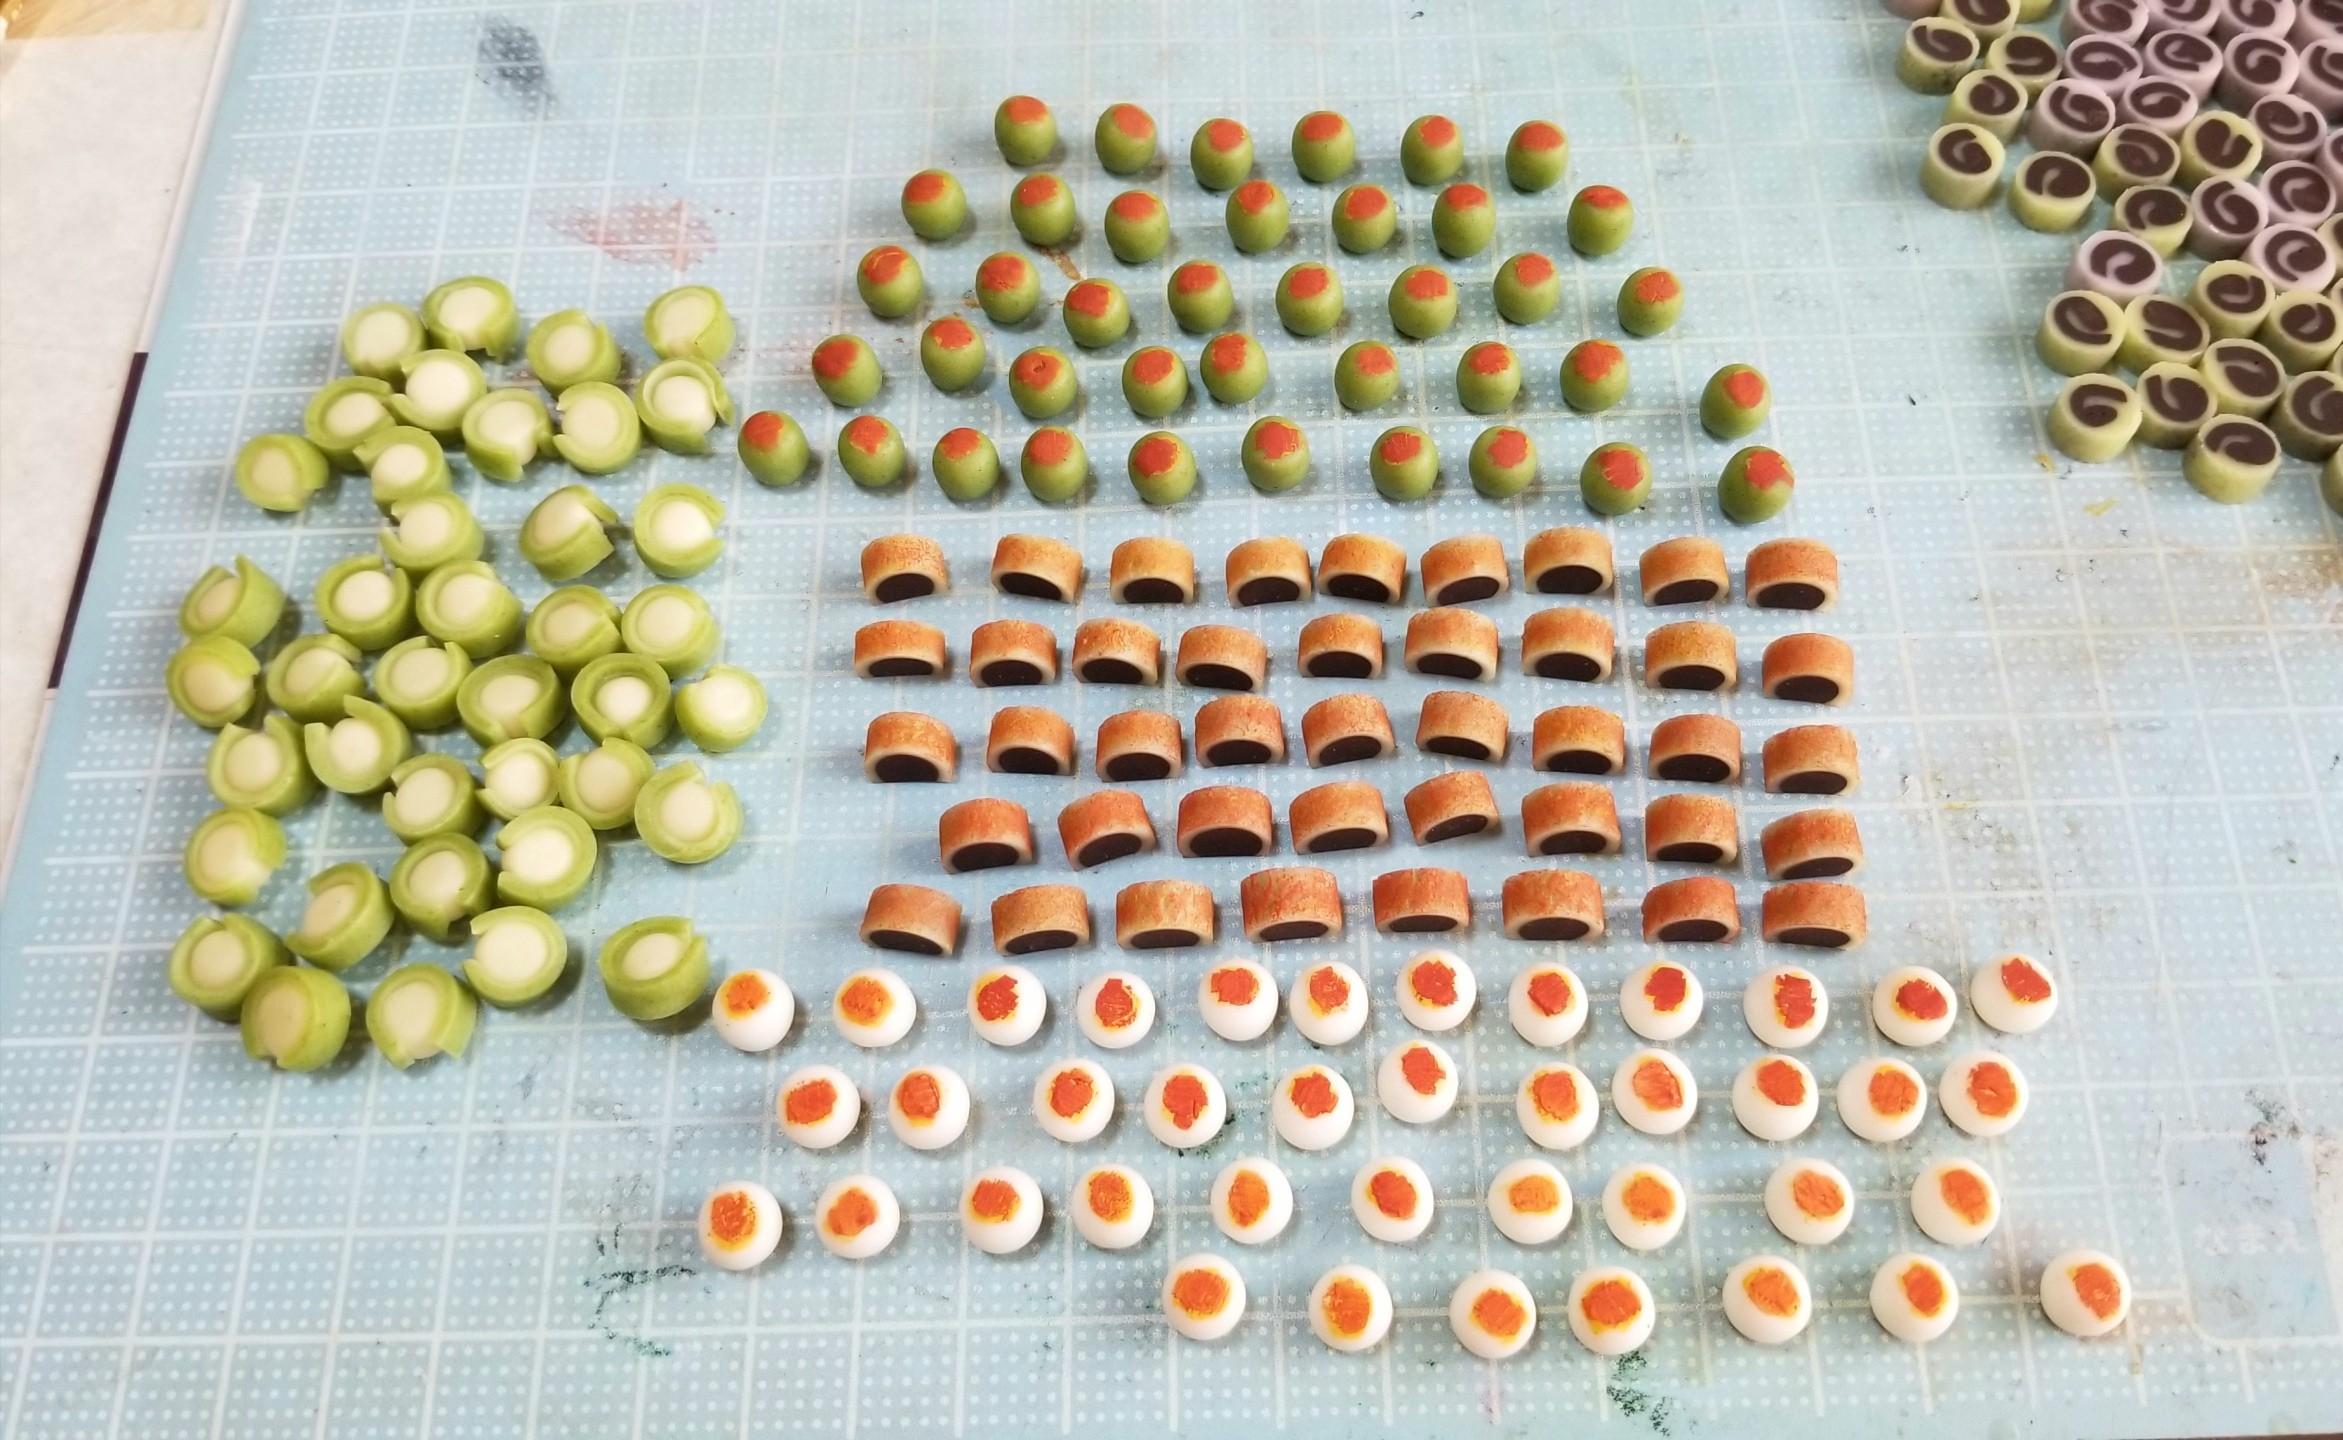 ミニチュア,和菓子の着色,樹脂粘土,ドールハウス,透明粘土,ドール